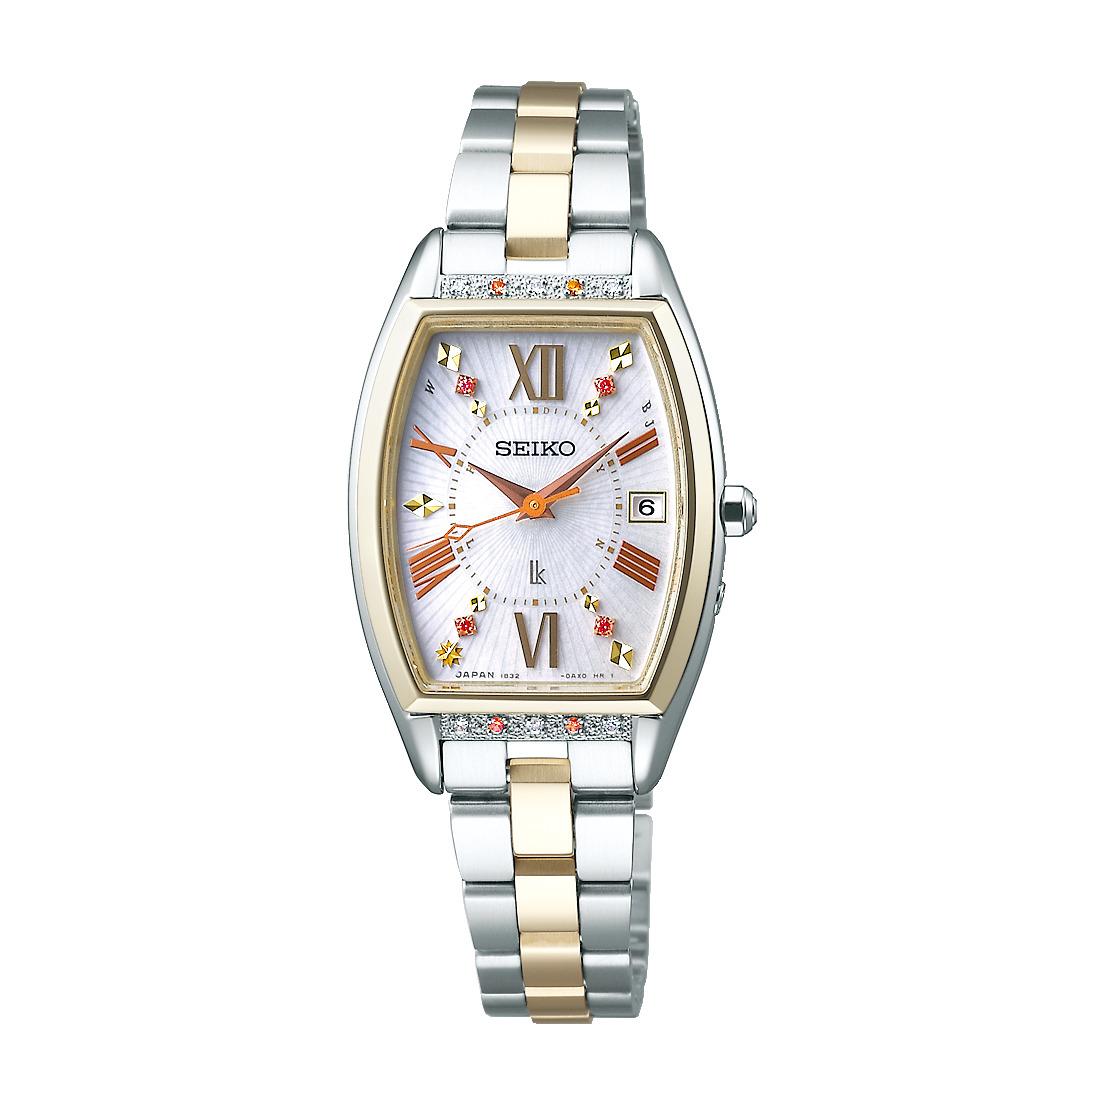 ルキア LUKIA セイコー SEIKO SSVW152 ソーラー電波 ピエール・エルメ プロデュース 限定モデル (Satine) 限定1000本 正規品 腕時計